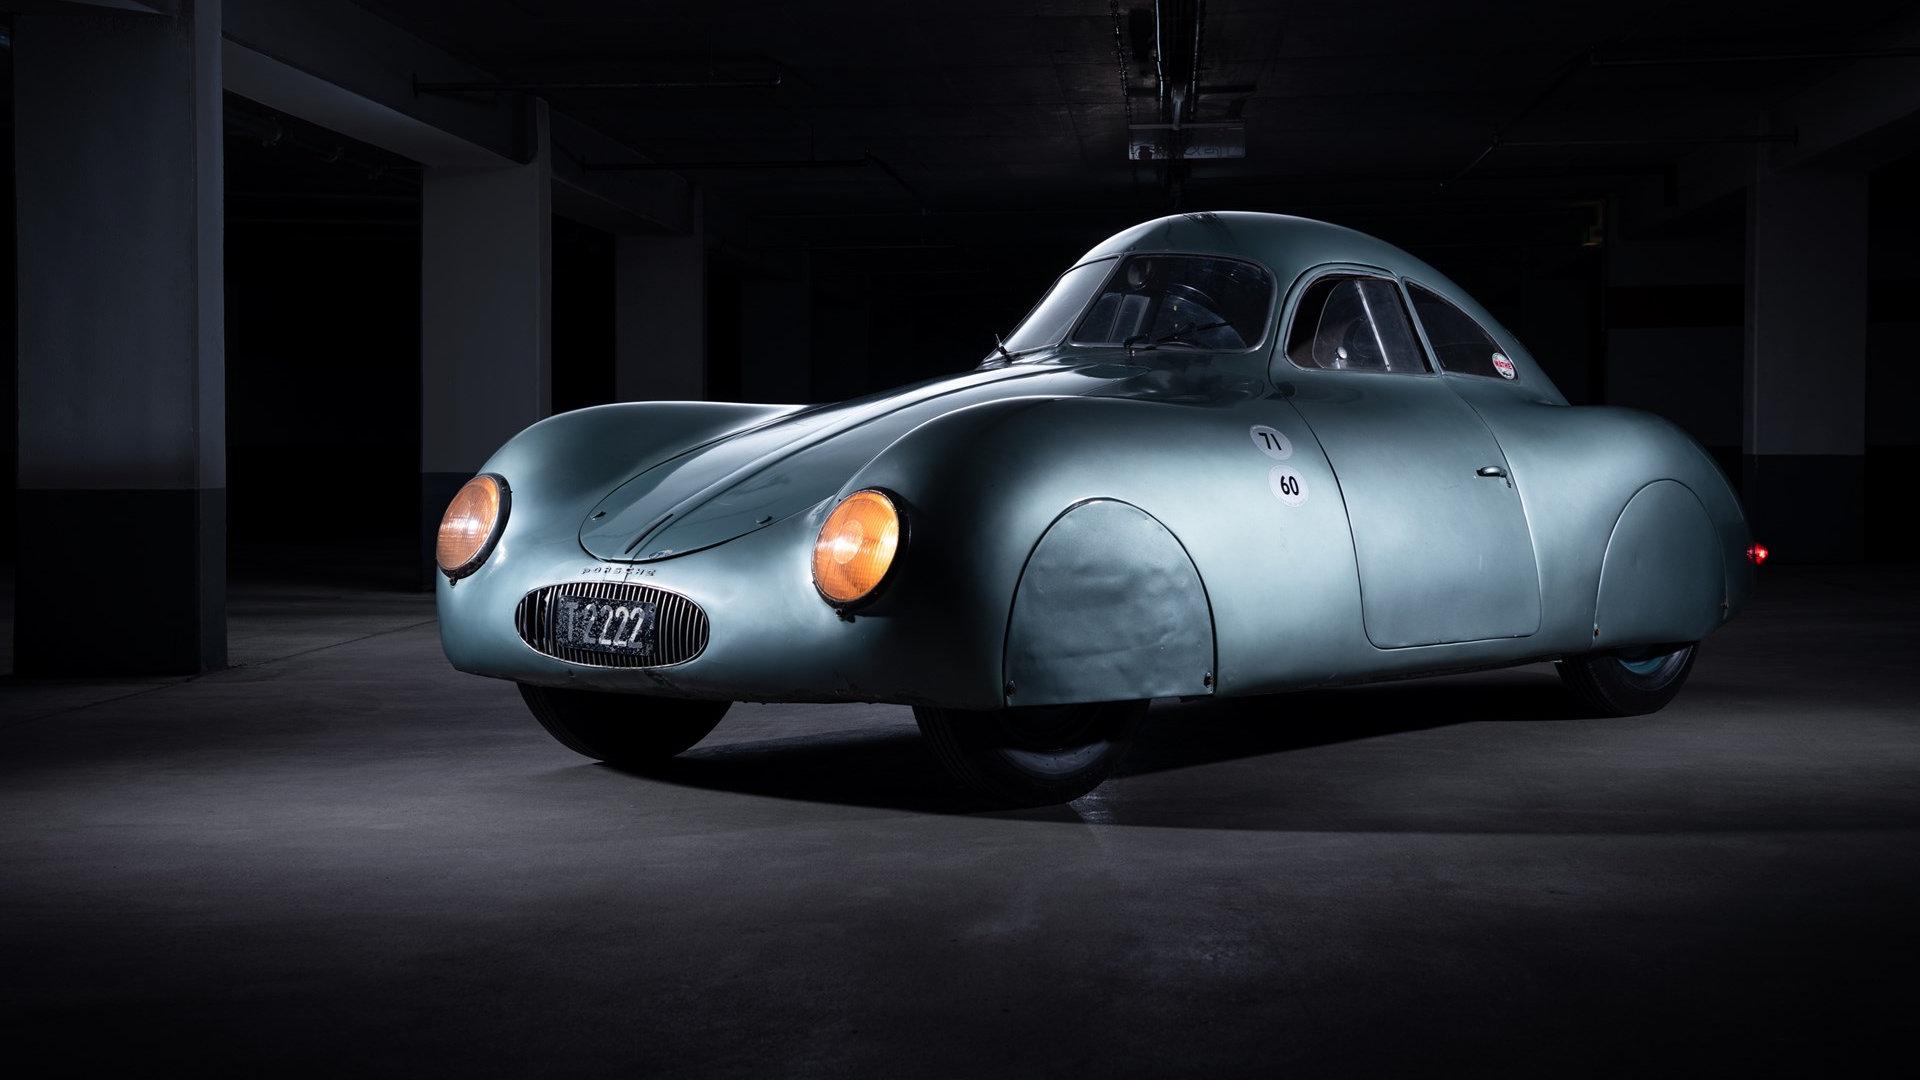 El tercer -y único- Porsche Typ 64 será subastado en Monterey